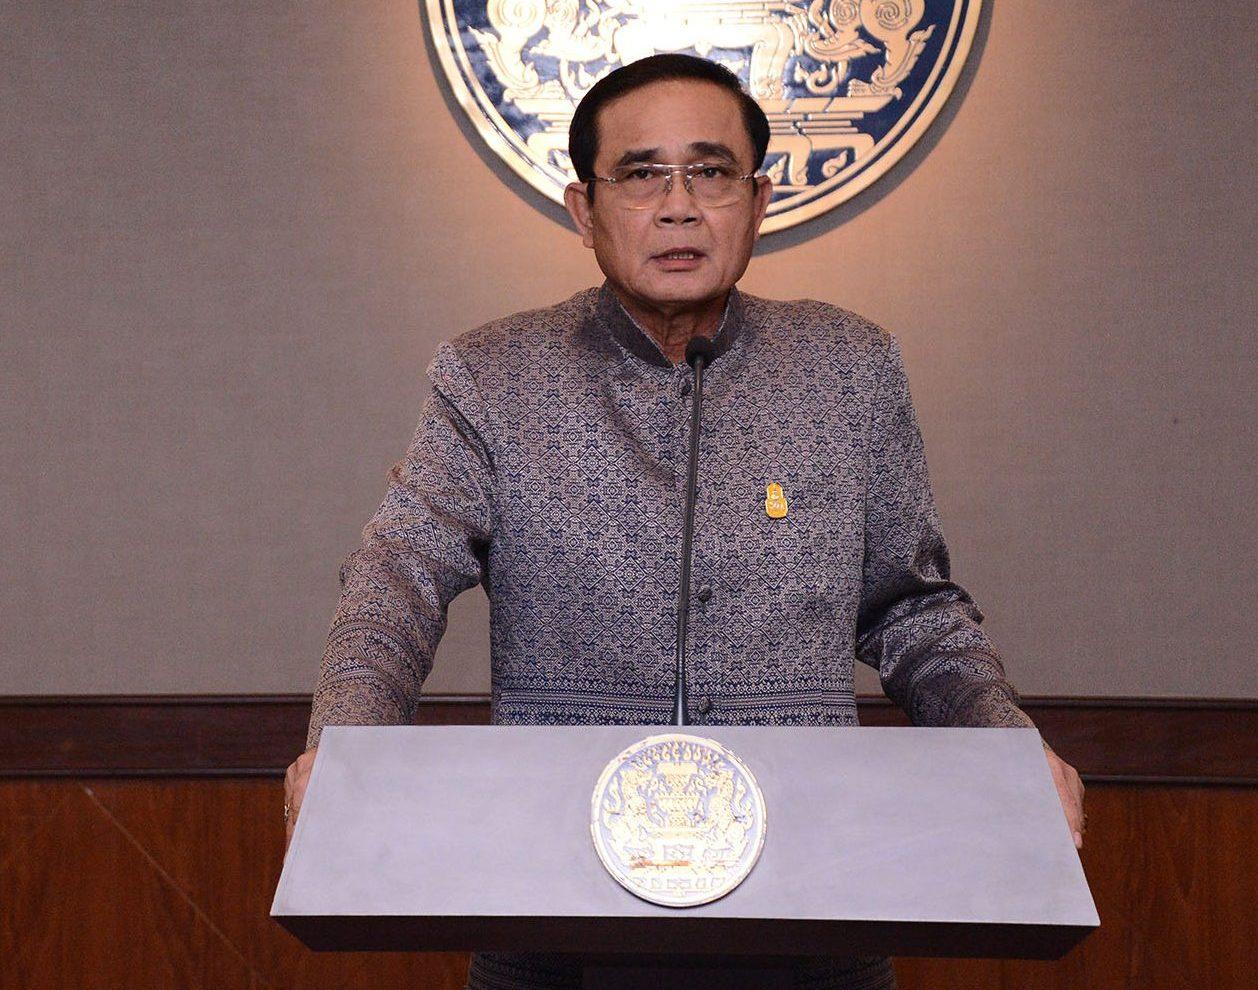 Prayut Chano-cha